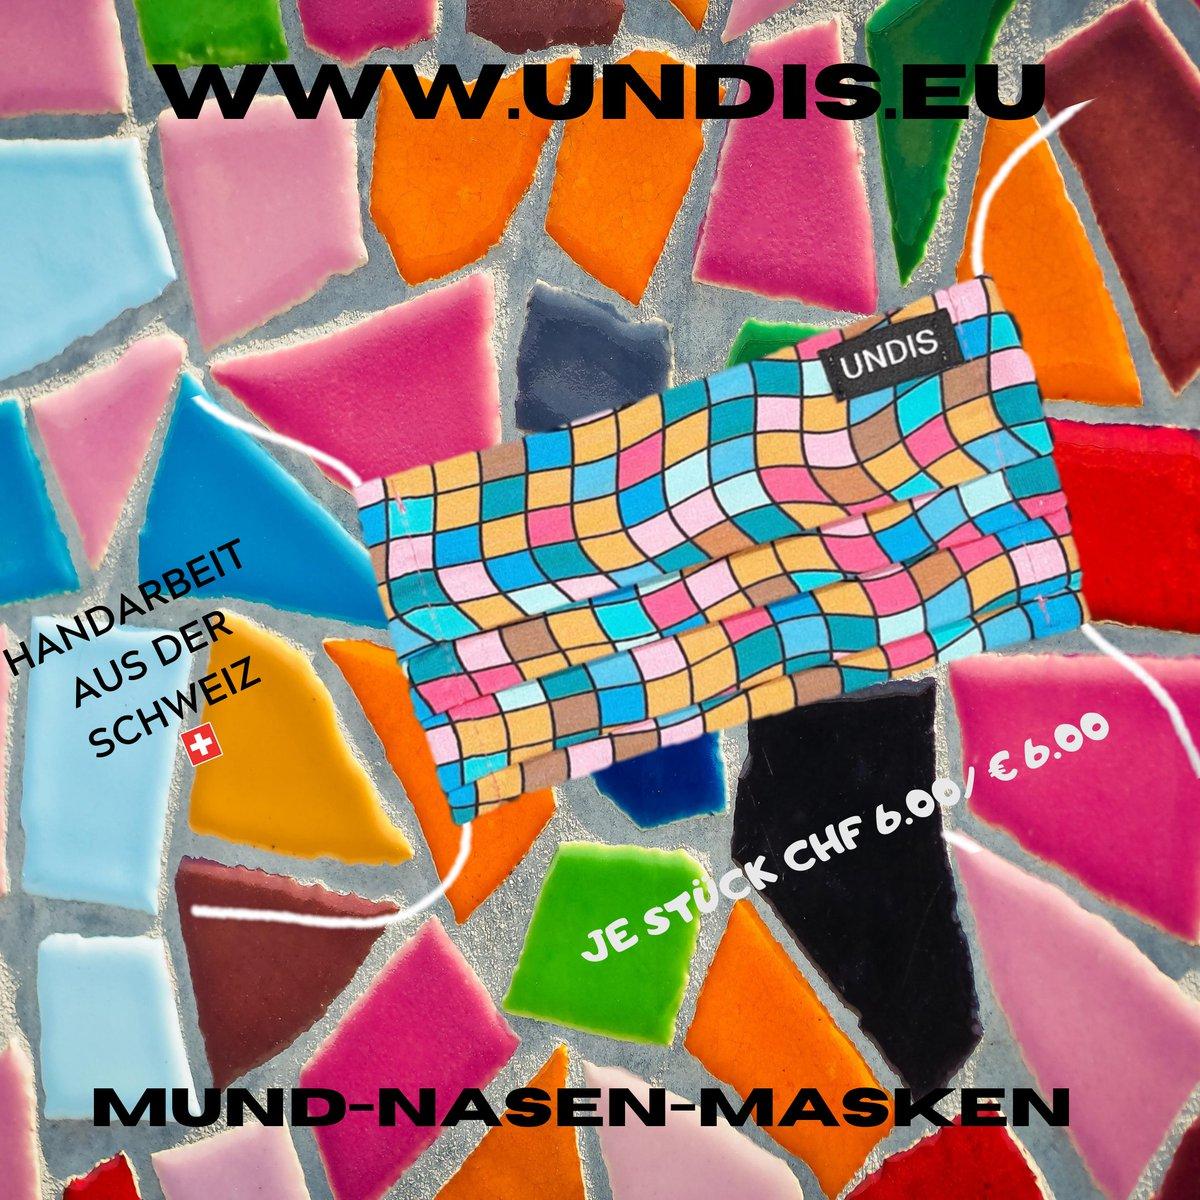 https://t.co/ET3iiMeNfi Hier findest du eine Auswahl an hochwertigen, waschbaren und wiederverwendbaren Mund-Nasen-Schutzmasken für Groß und Klein. #undis  #Maske  #schule #Maskenpflicht #schweiz #österreich #wien #Corona #virus #MundNasenSchutz #COVID19 #deutschland #bunt https://t.co/w9XD3tsPGb